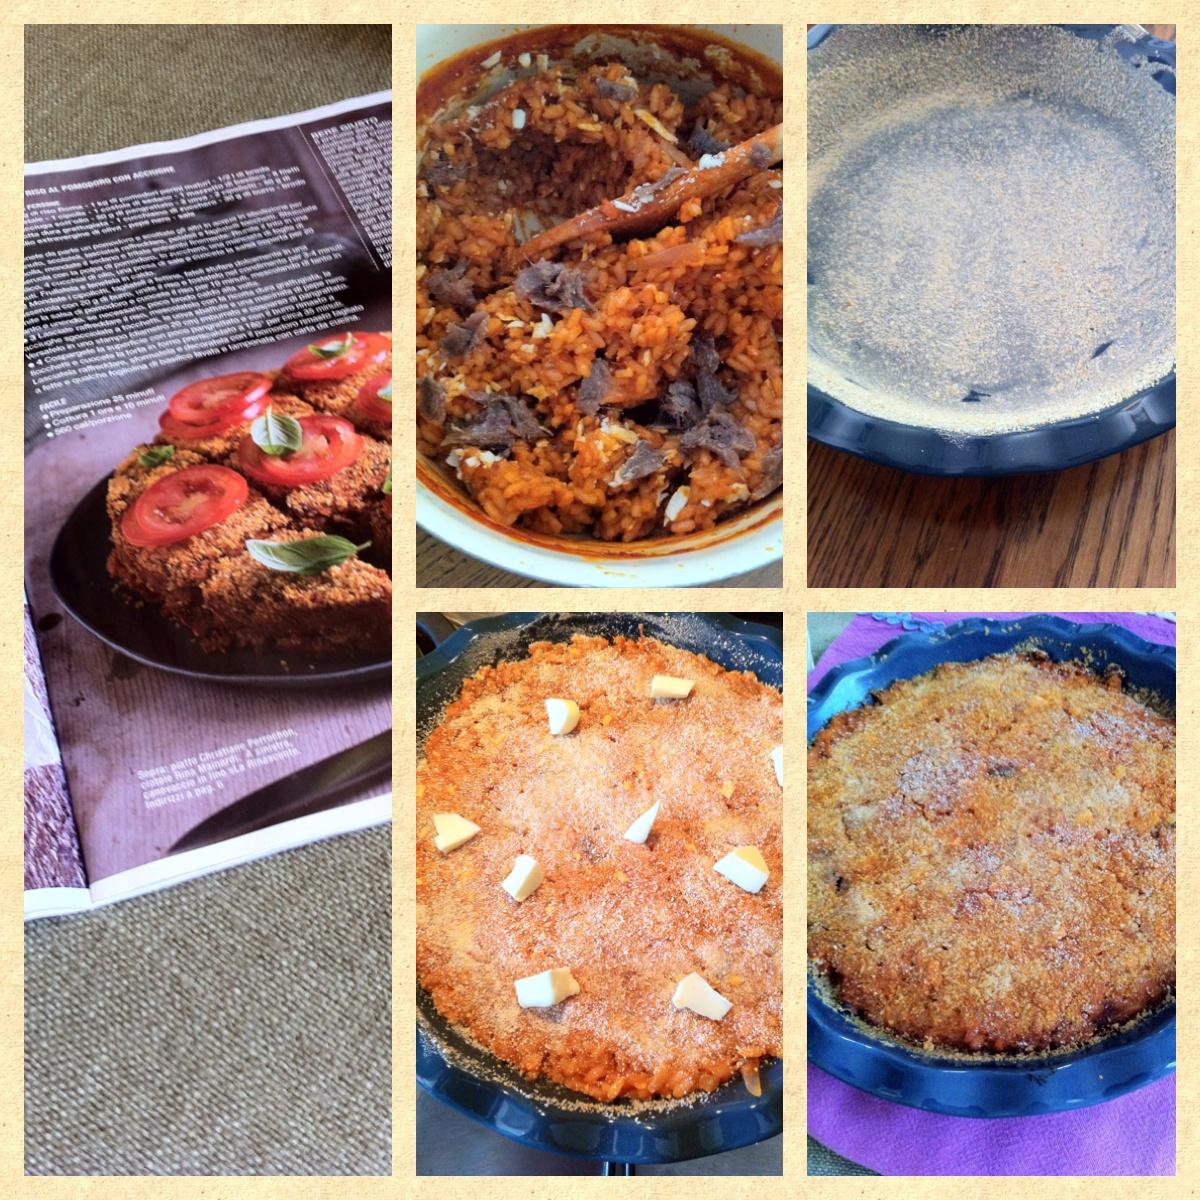 torta-di-riso-al-pomodoro.JPG